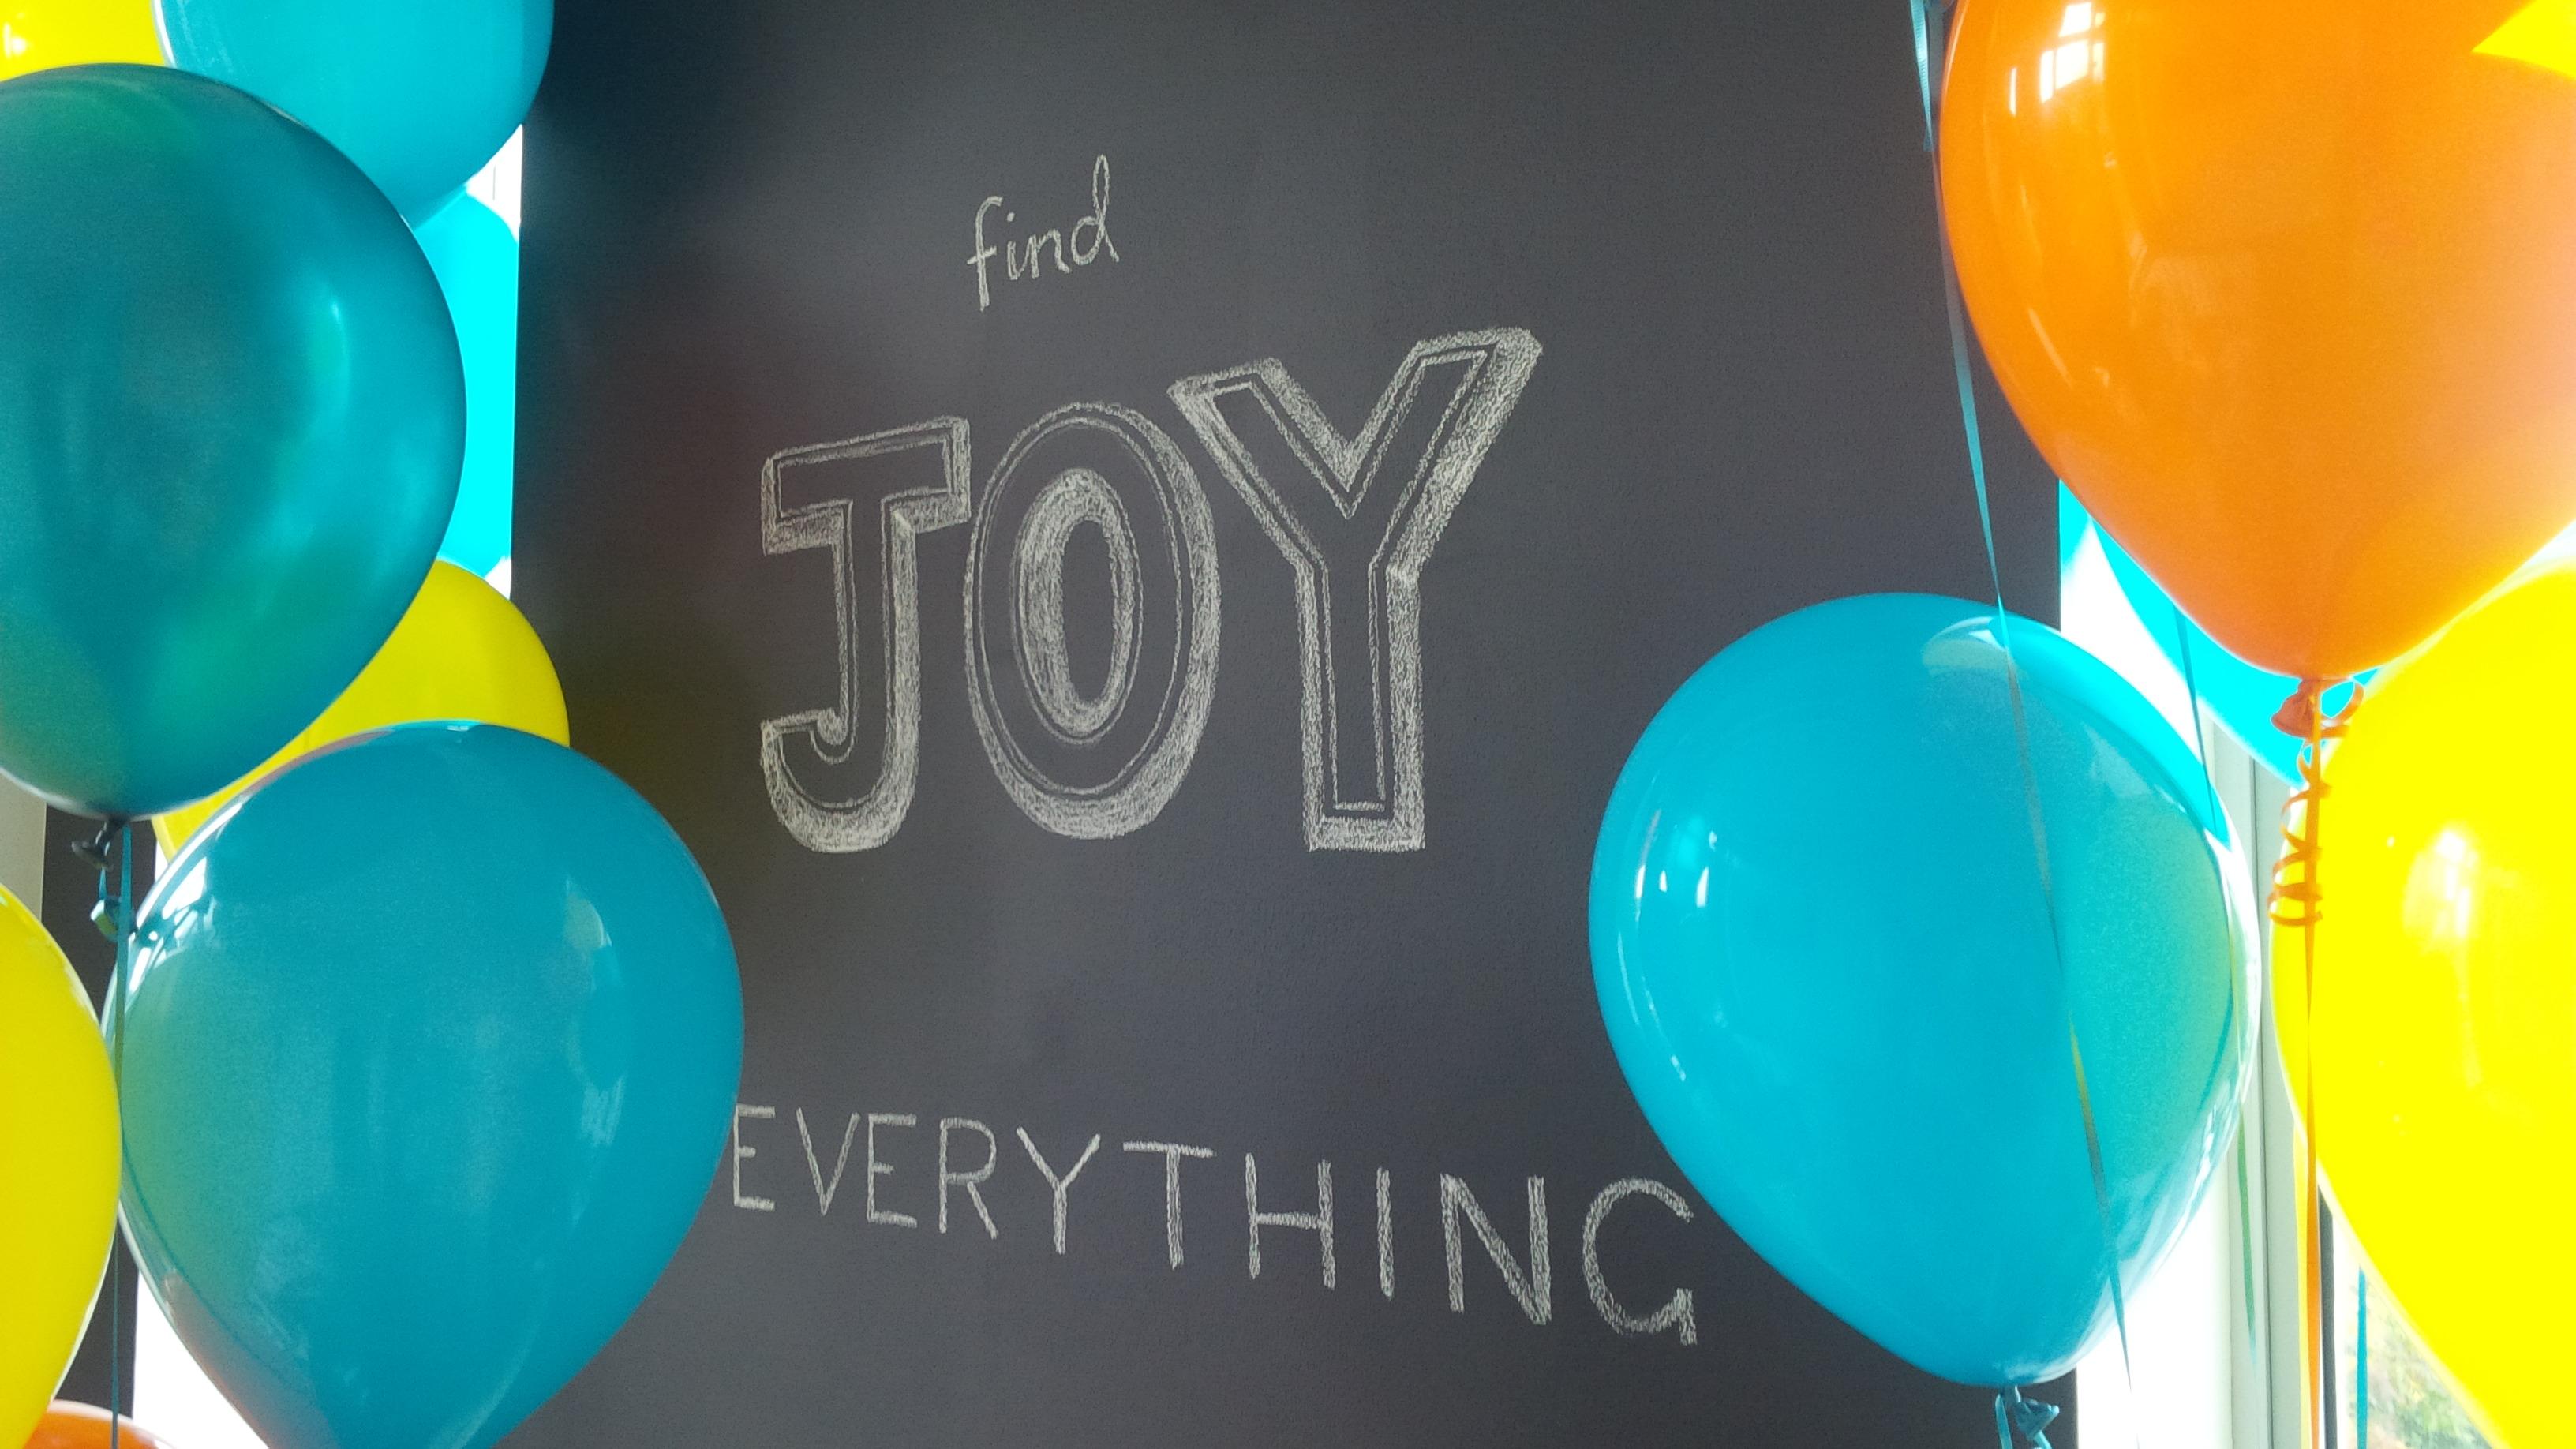 Filler_Find_Joy.jpg